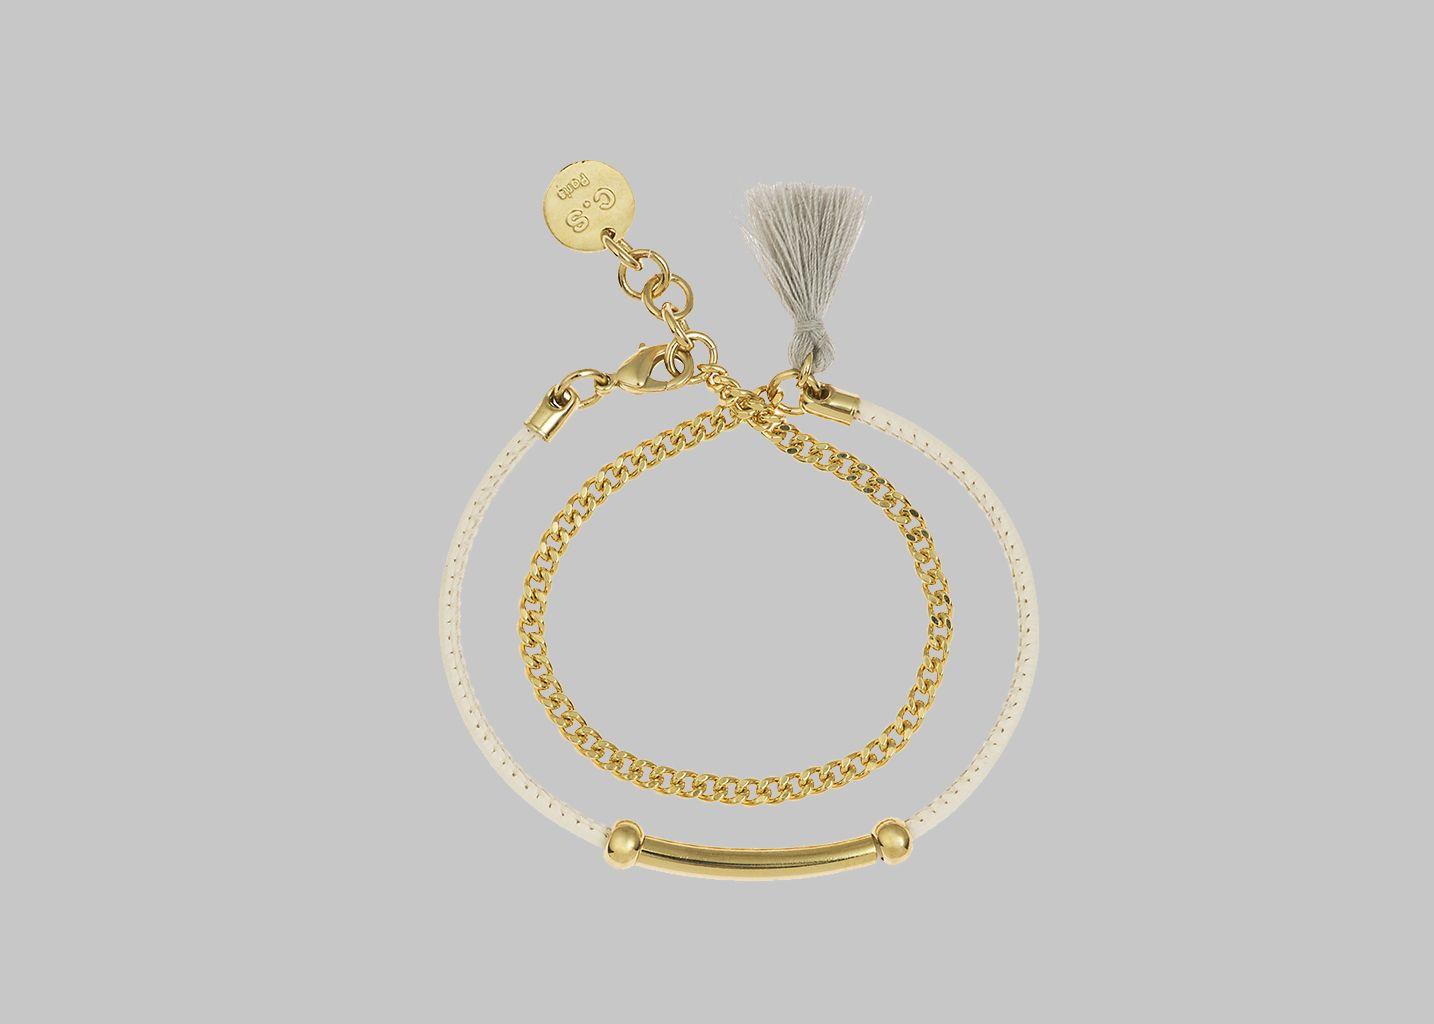 Bracelet Udaipur - Coralie de Seynes